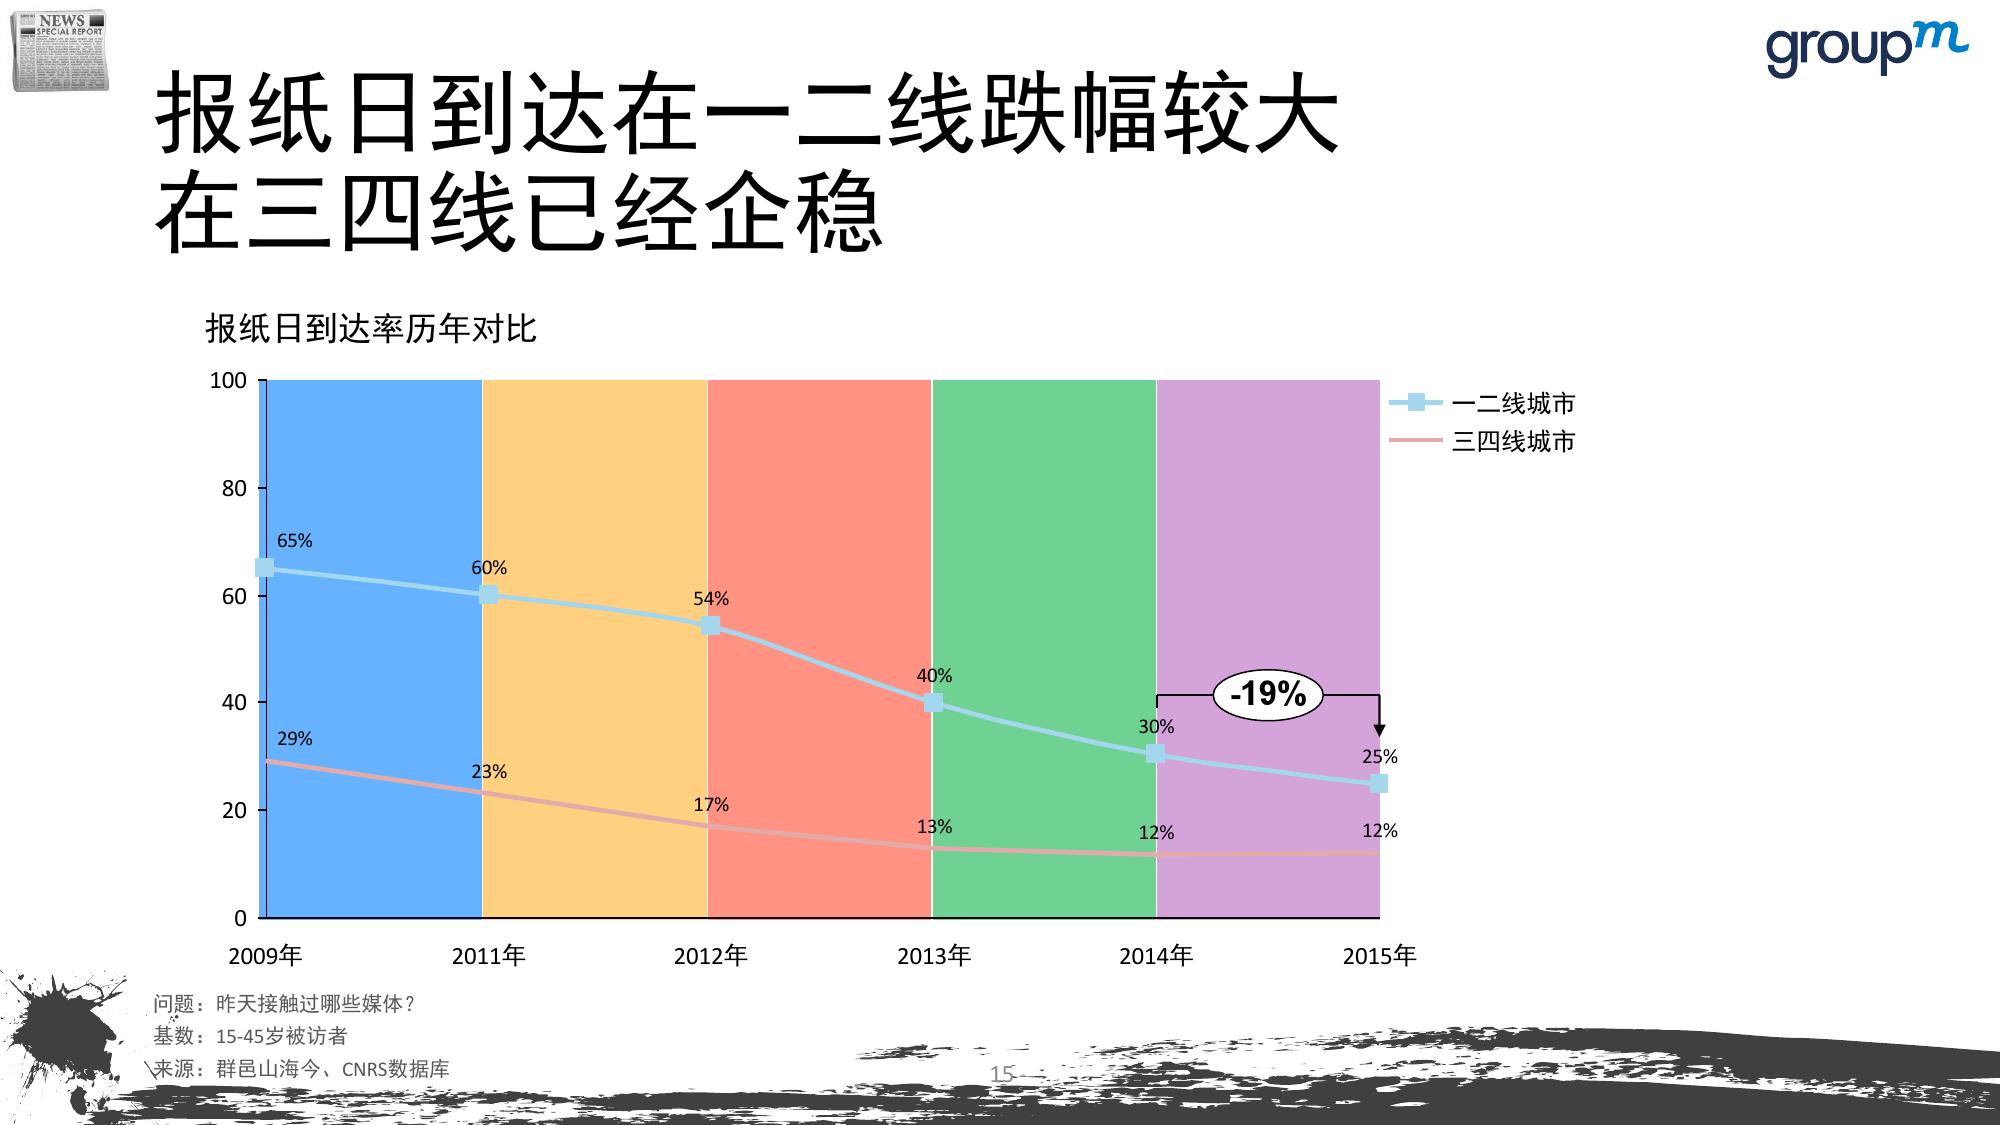 山海今2015中国媒介趋势报告_000015